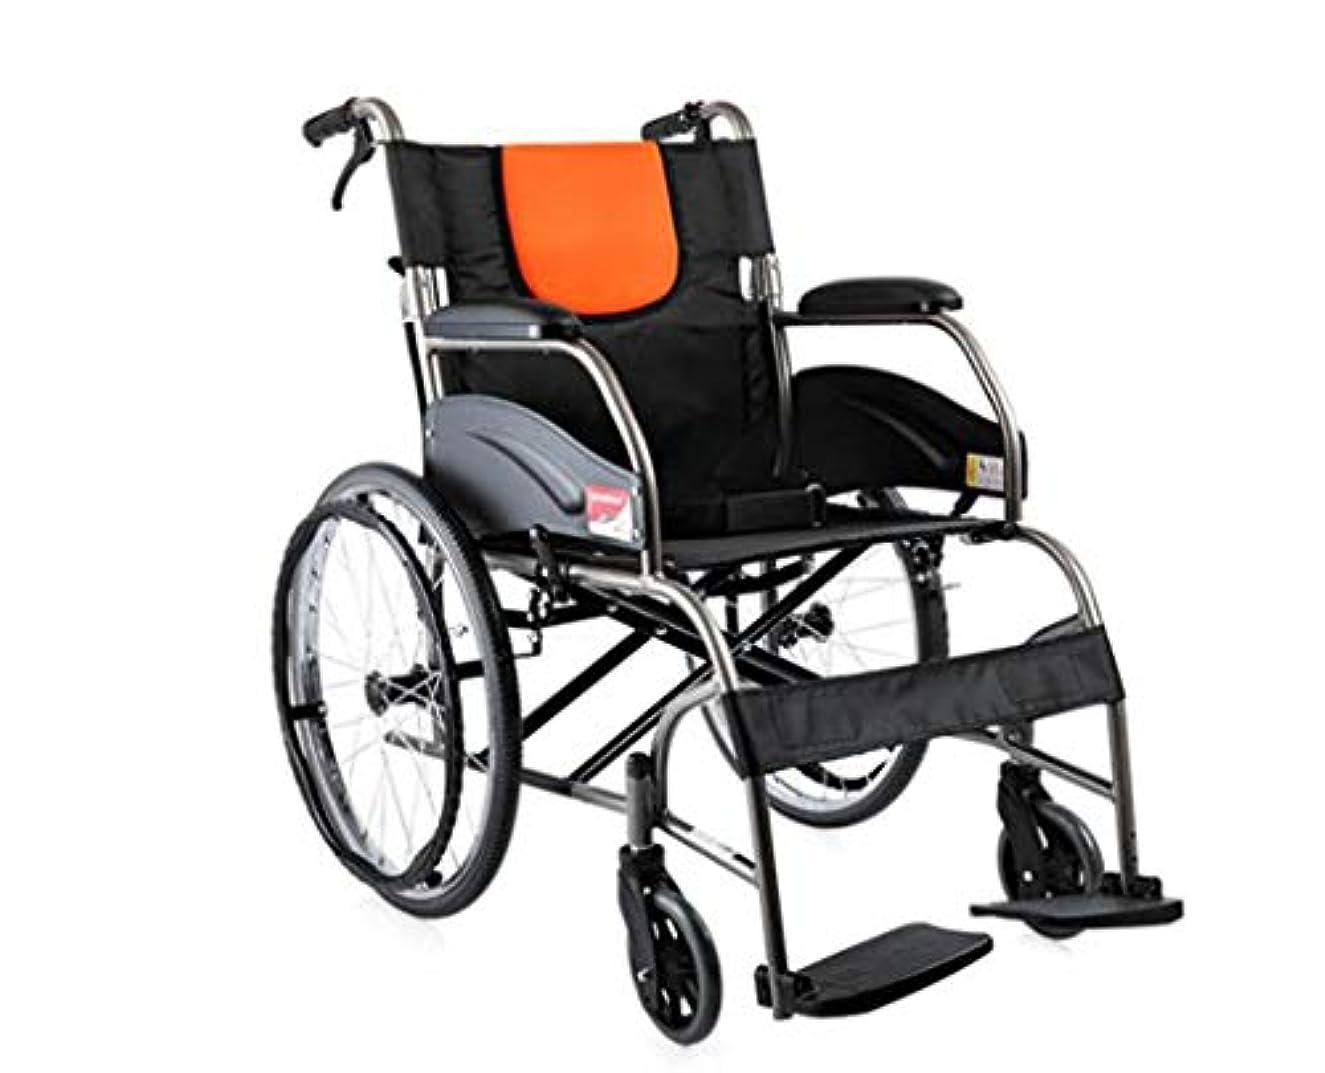 繊維タッチのホスト手動車椅子アルミ合金無効旅行車椅子ペダルの高さ3速度調節可能な折りたたみ車椅子